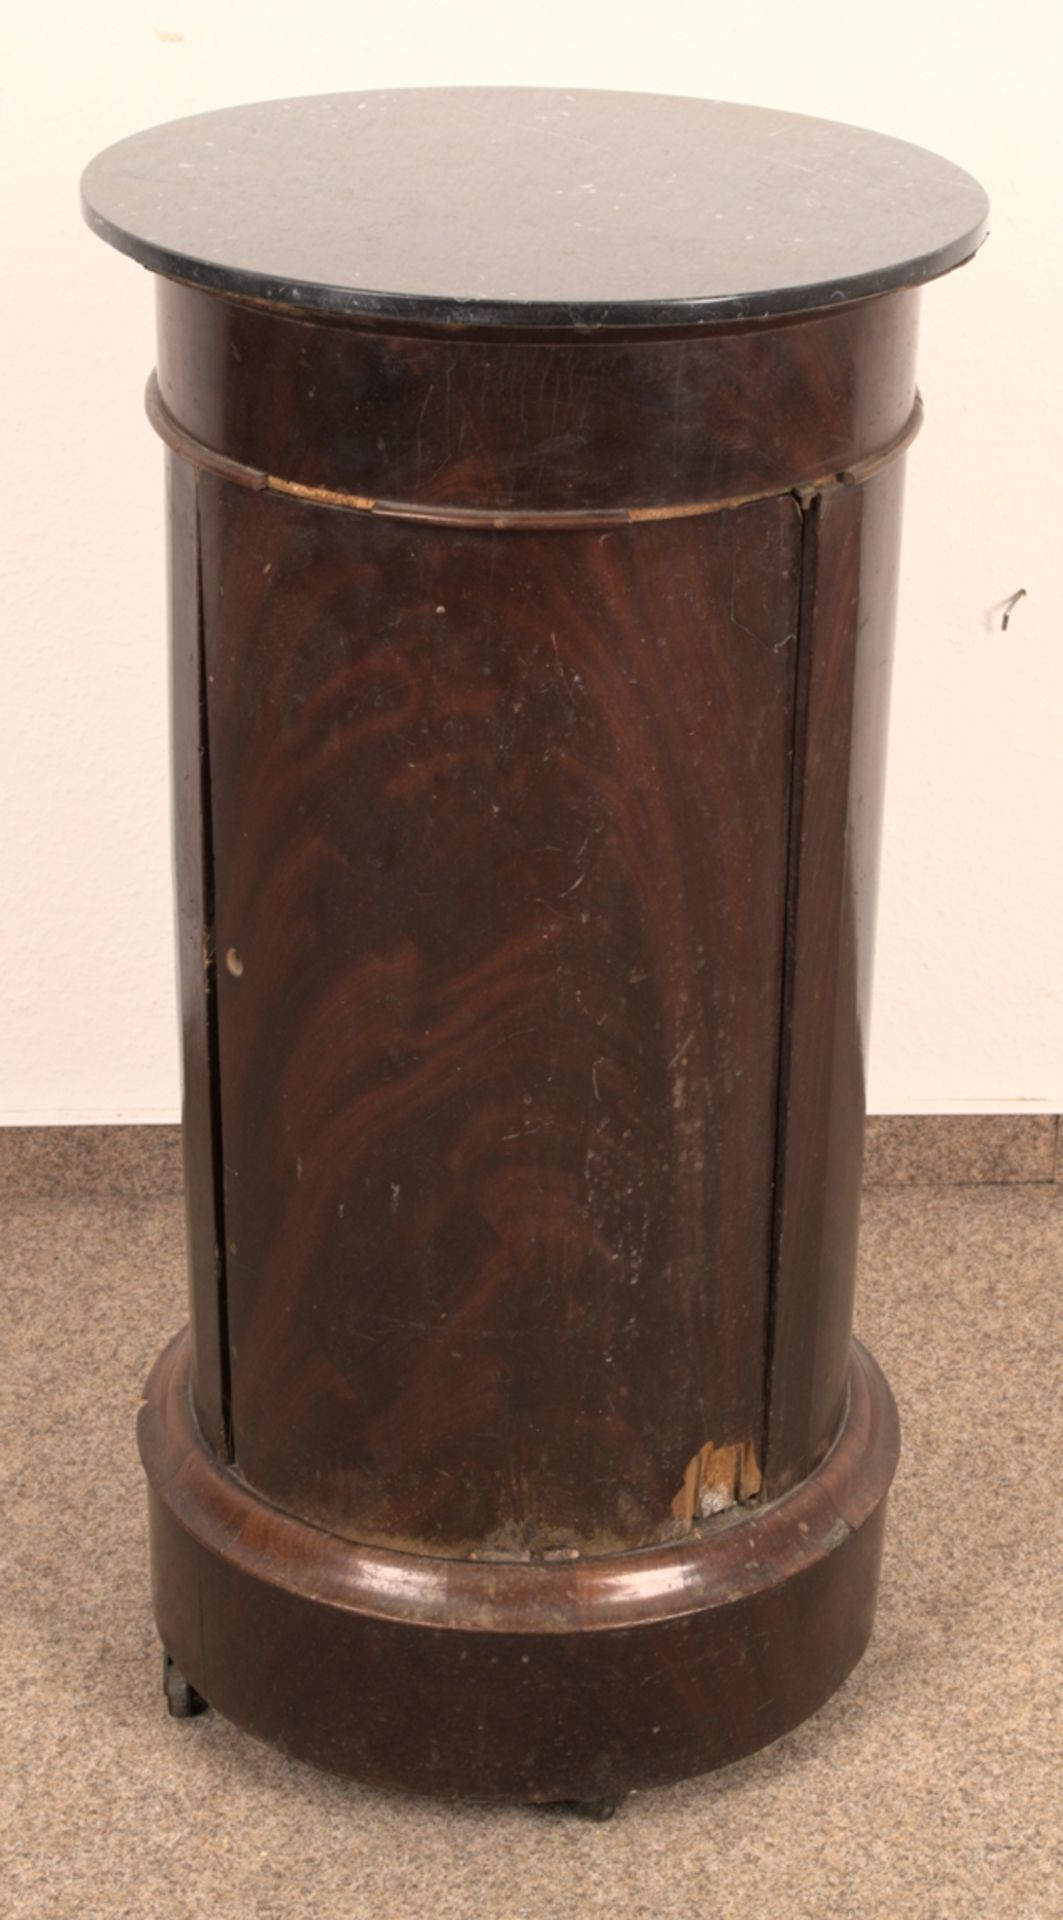 Antiker Säulenschrank/Trommelschrank, Biedermeier/Charles X, Frankreich 19./20. Jhd. Auf